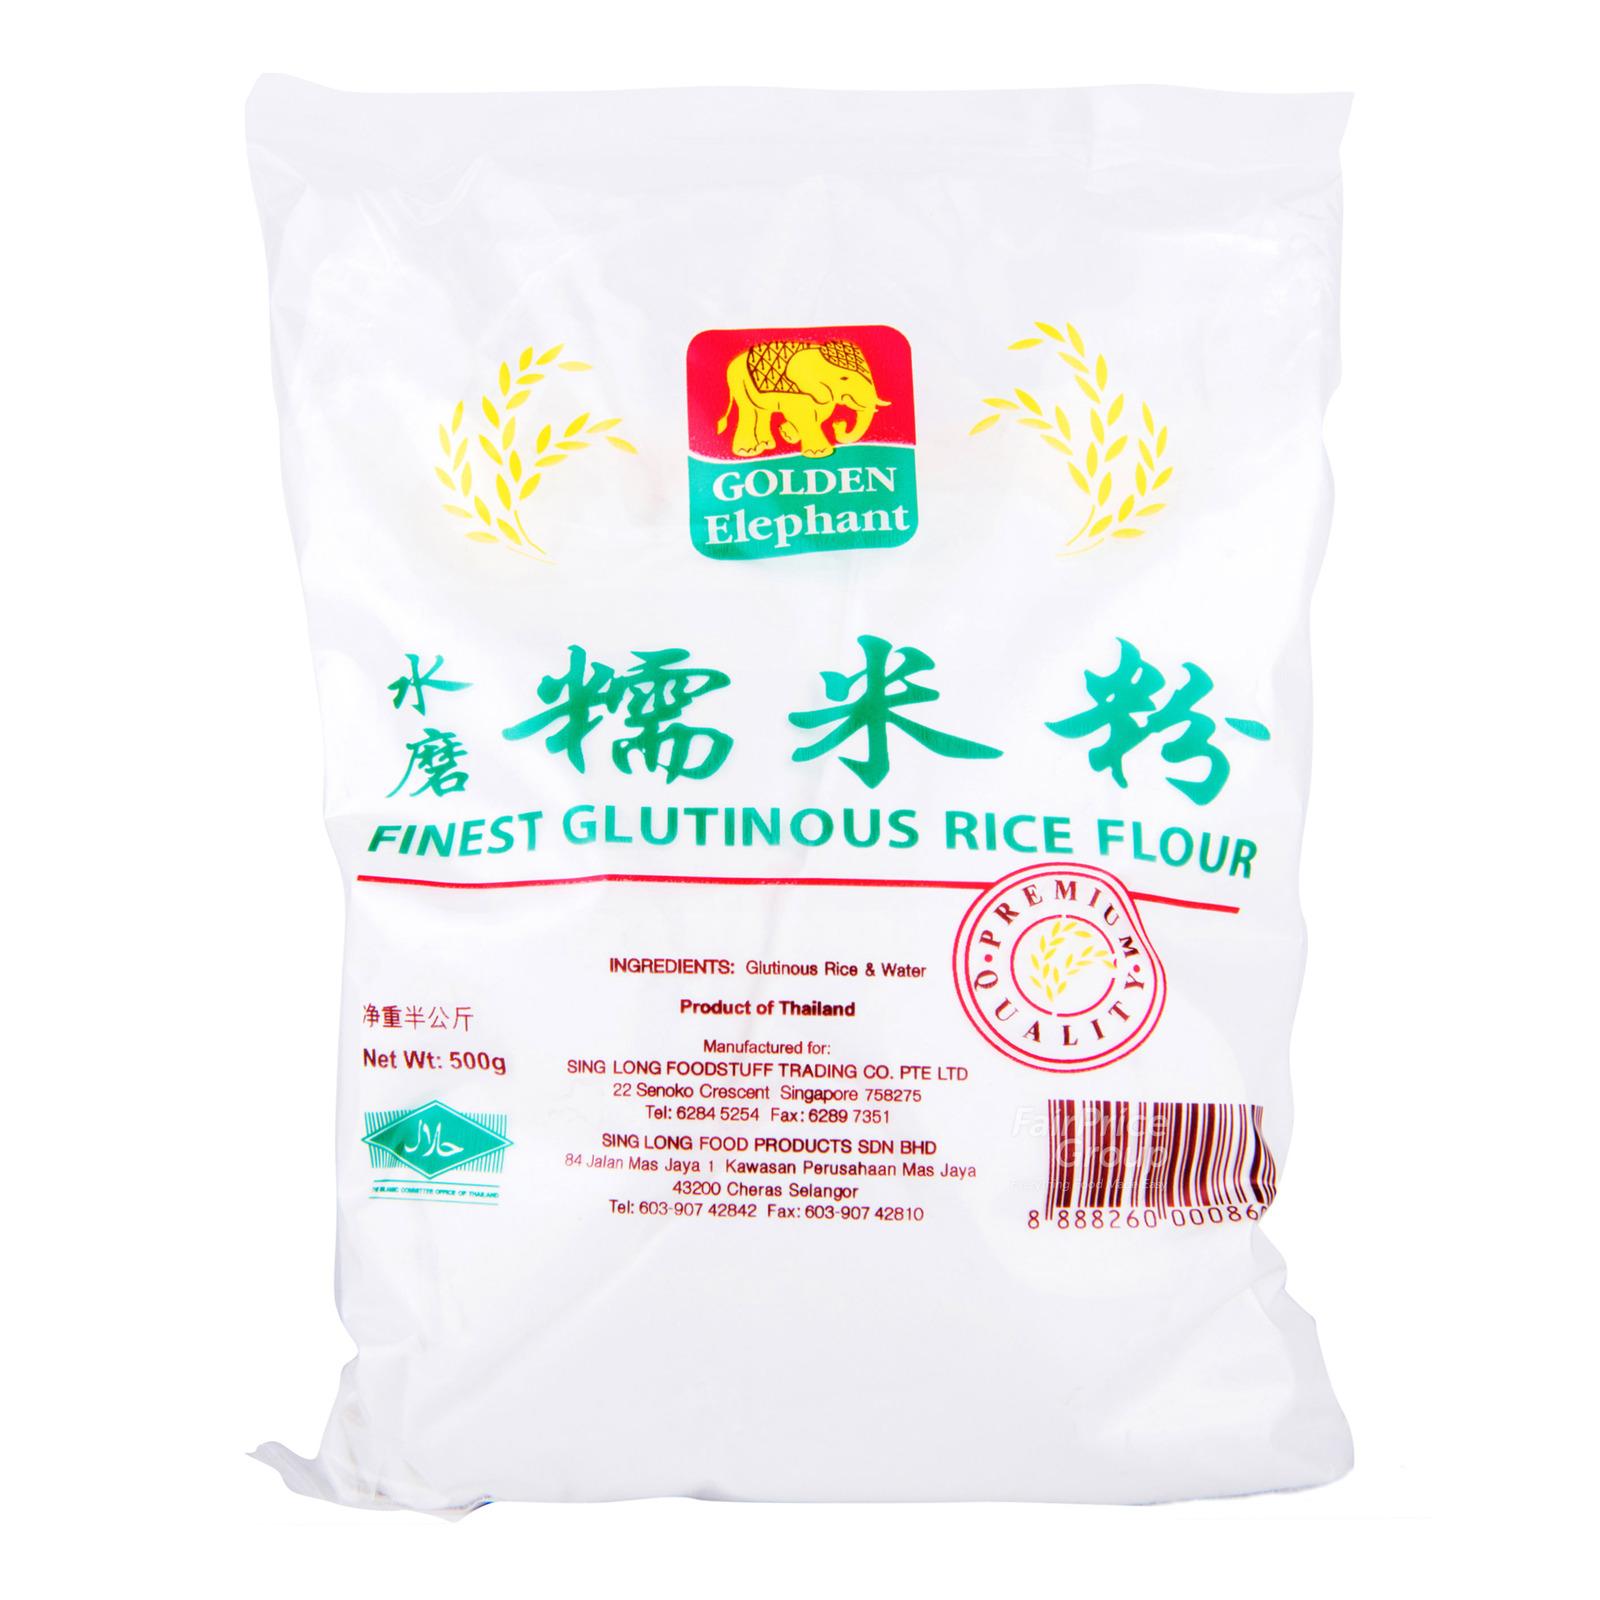 Golden Elephant Finest Glutionous Rice Flour